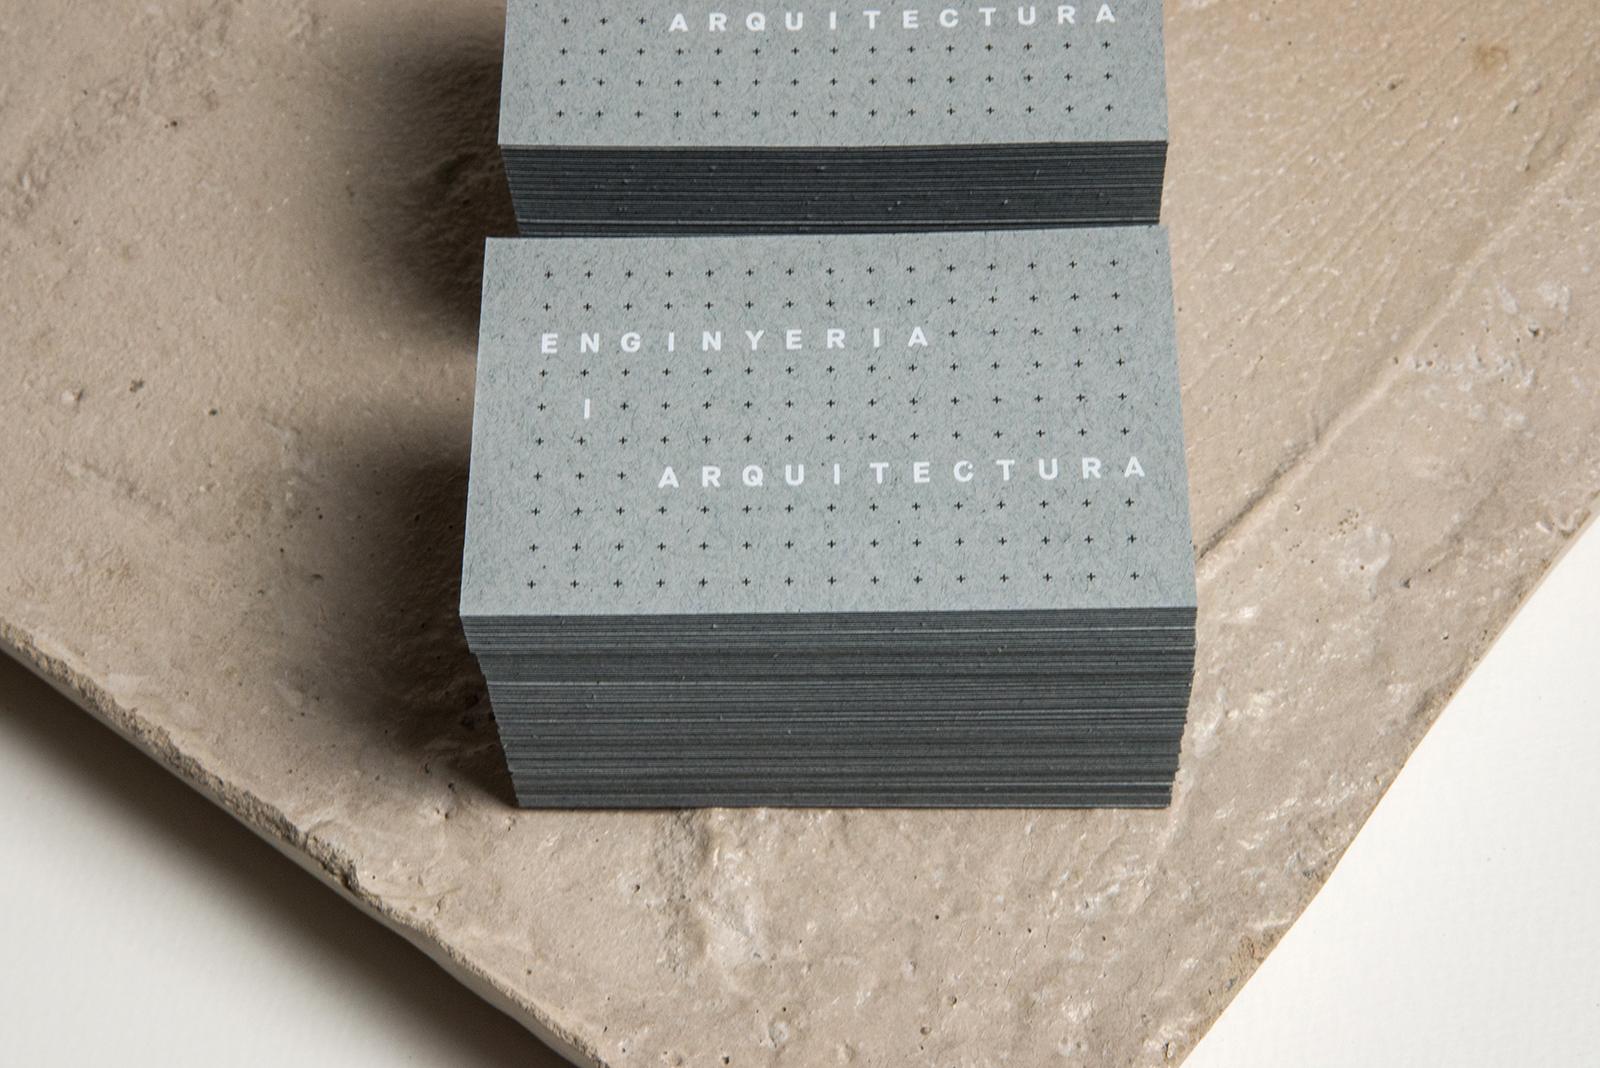 Diseño de etiquetas y marca para arquitectos.